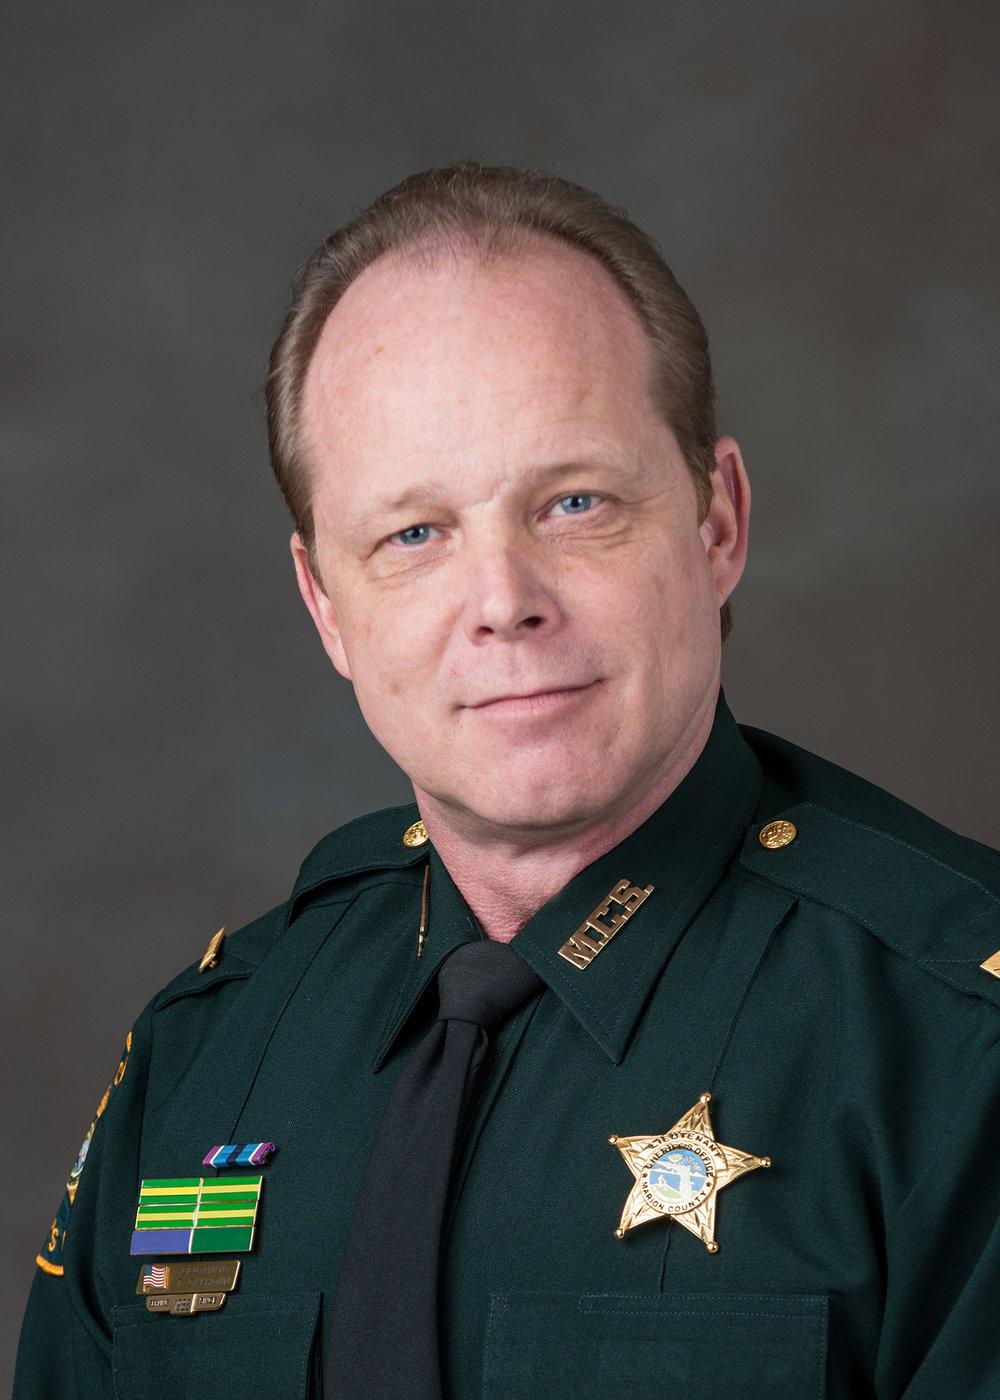 Lieutenant Tom Calhoun   Evidence Division Commander   tcalhoun@marionso.com